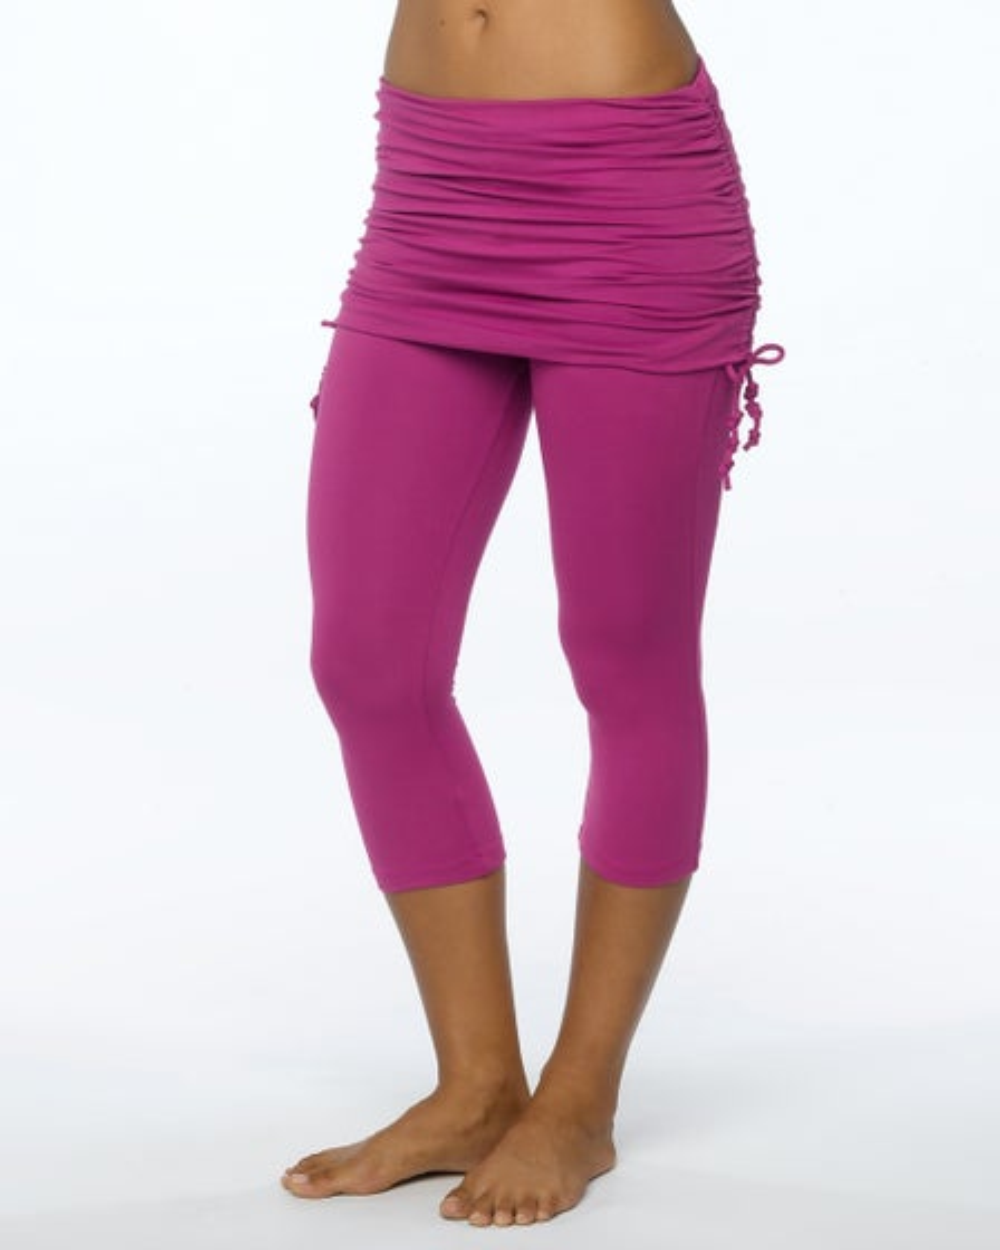 2015 Prana Activewear Cassidy Capri in Vivid Viola